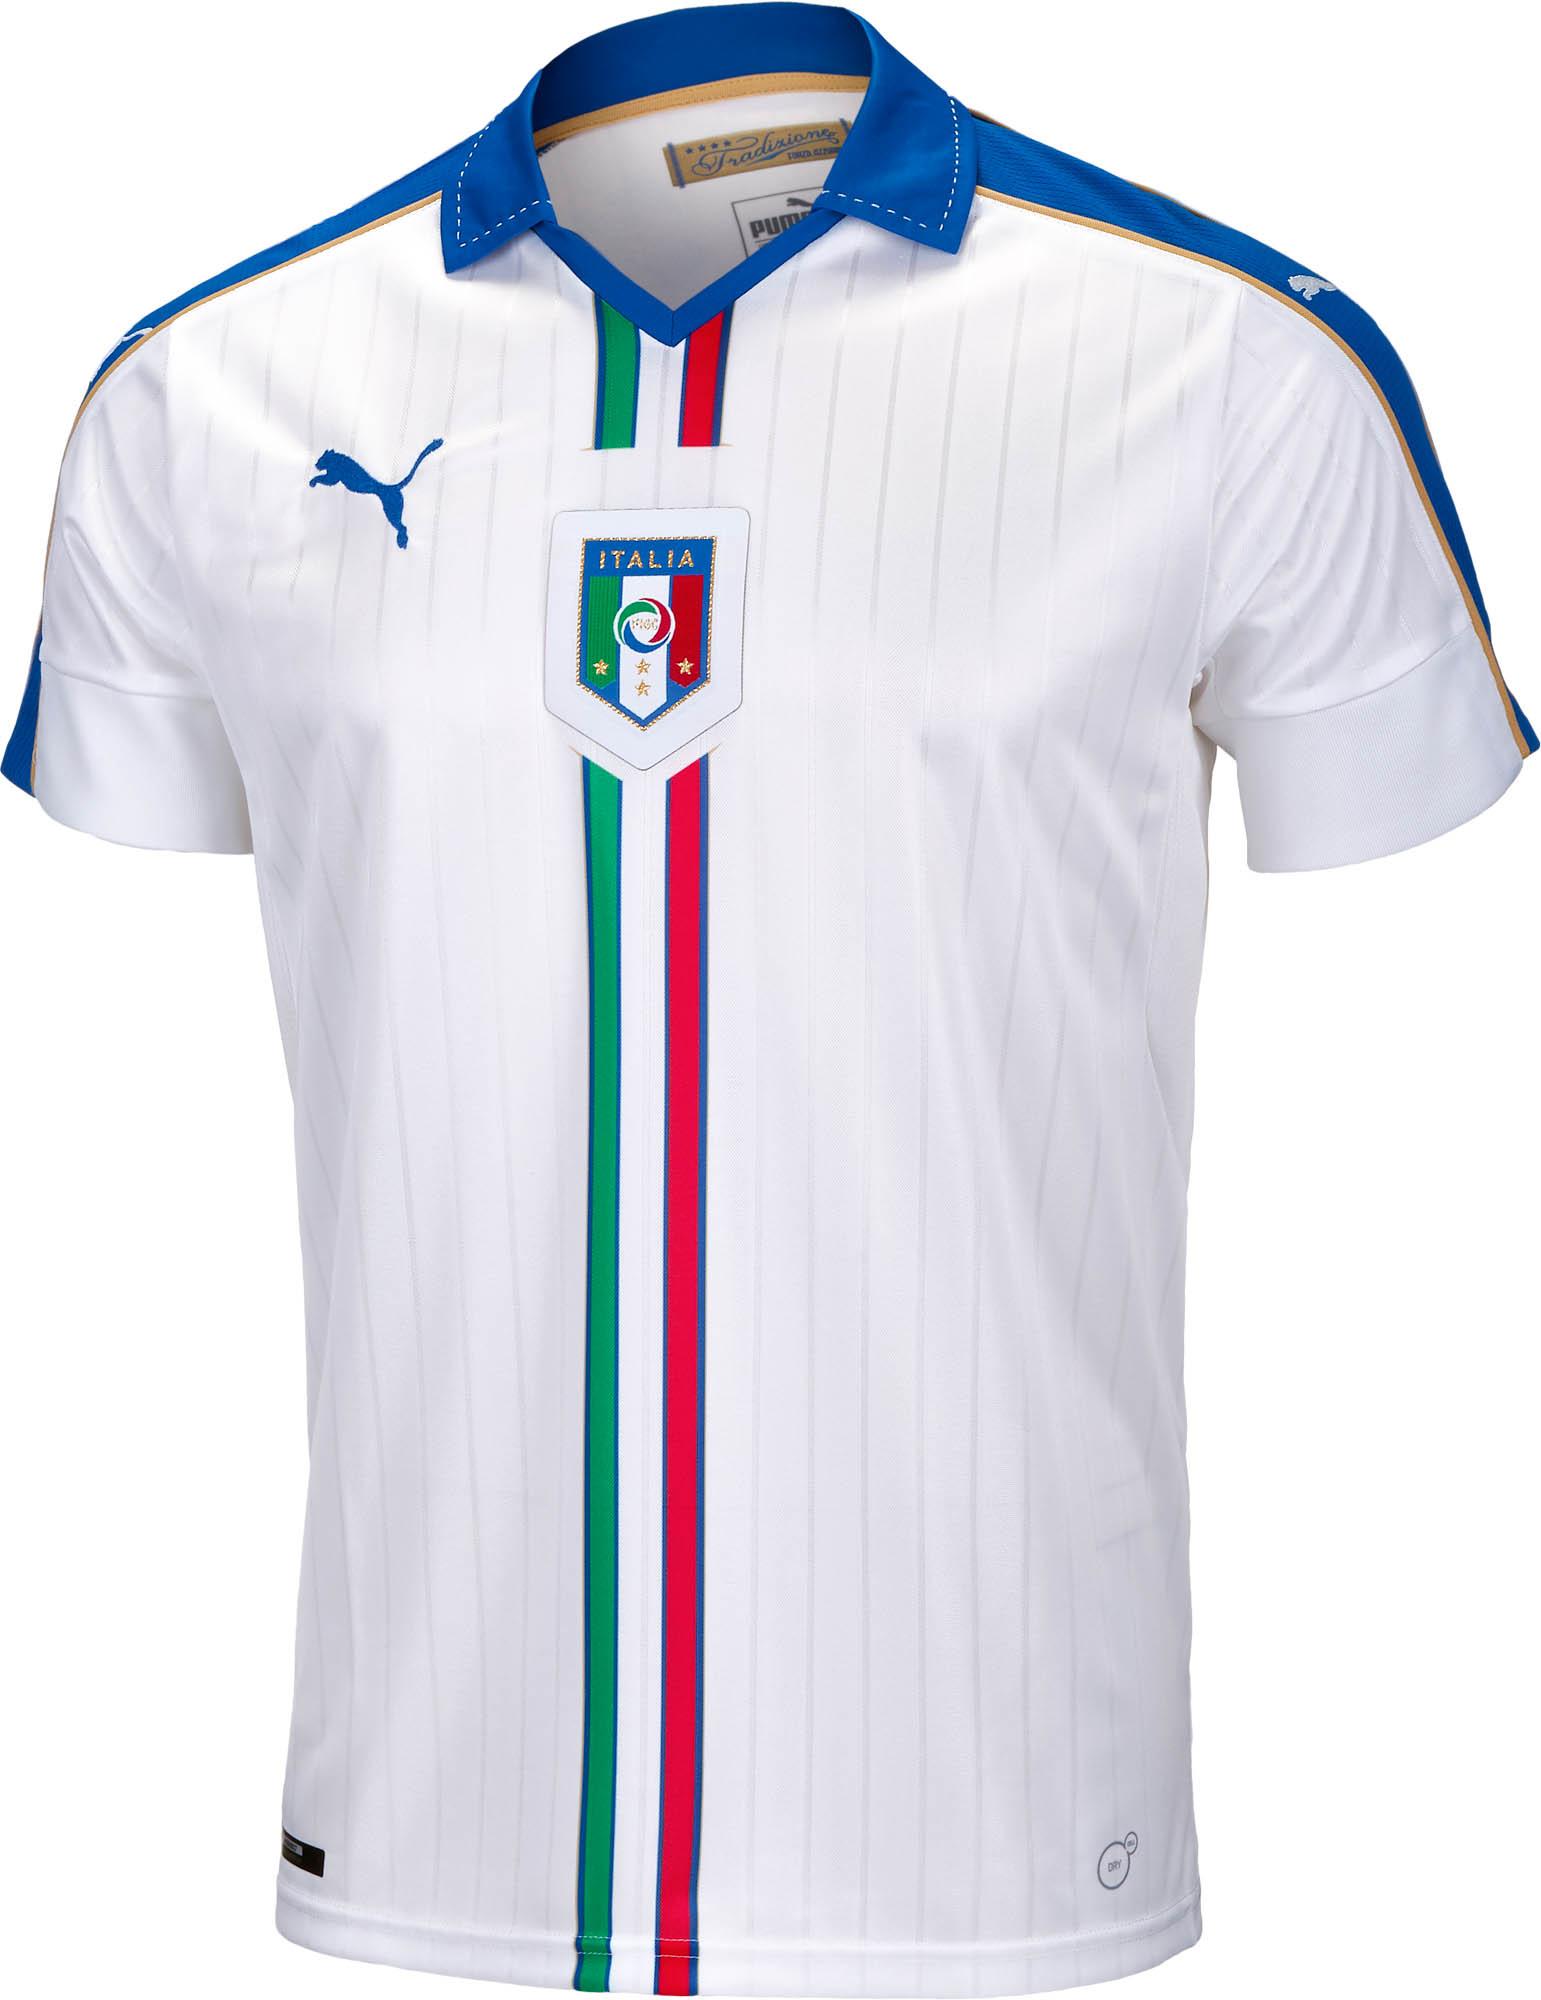 5c913b38e PUMA Italy Away Jersey 2015 - Soccer Master